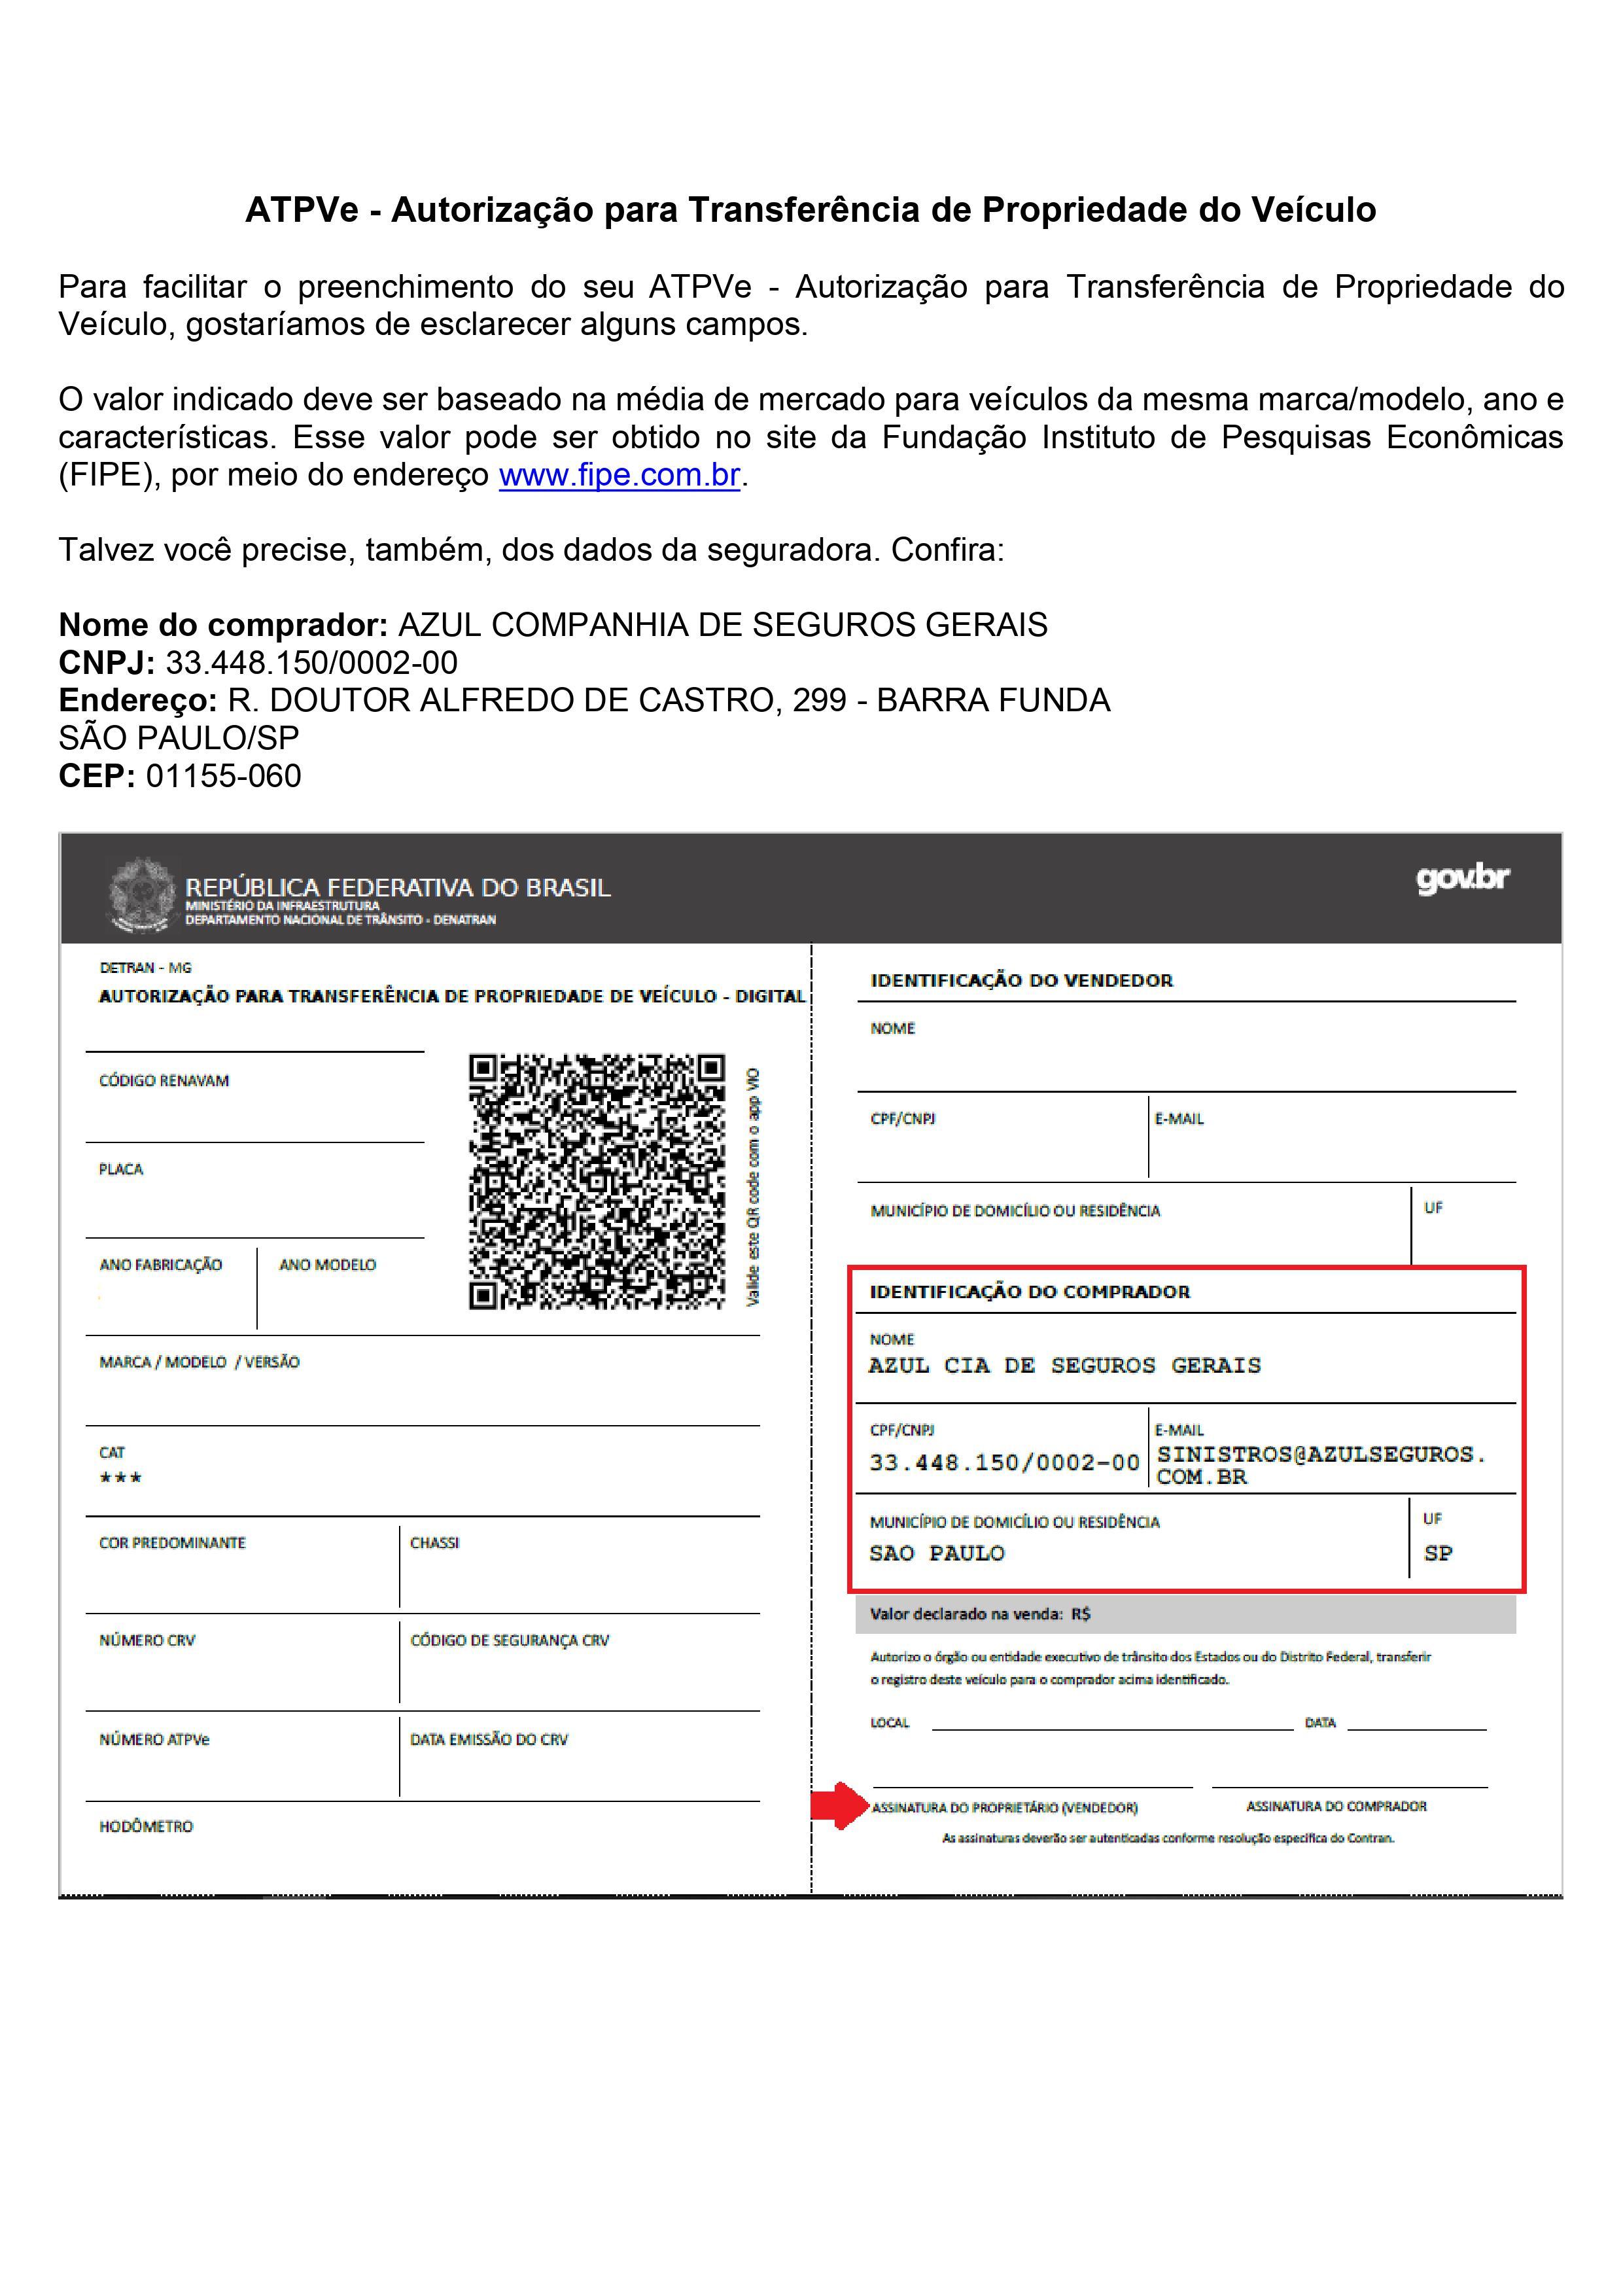 ATPVe - Autorização para Transferência de Propriedade do Veículo - SEG demais estados